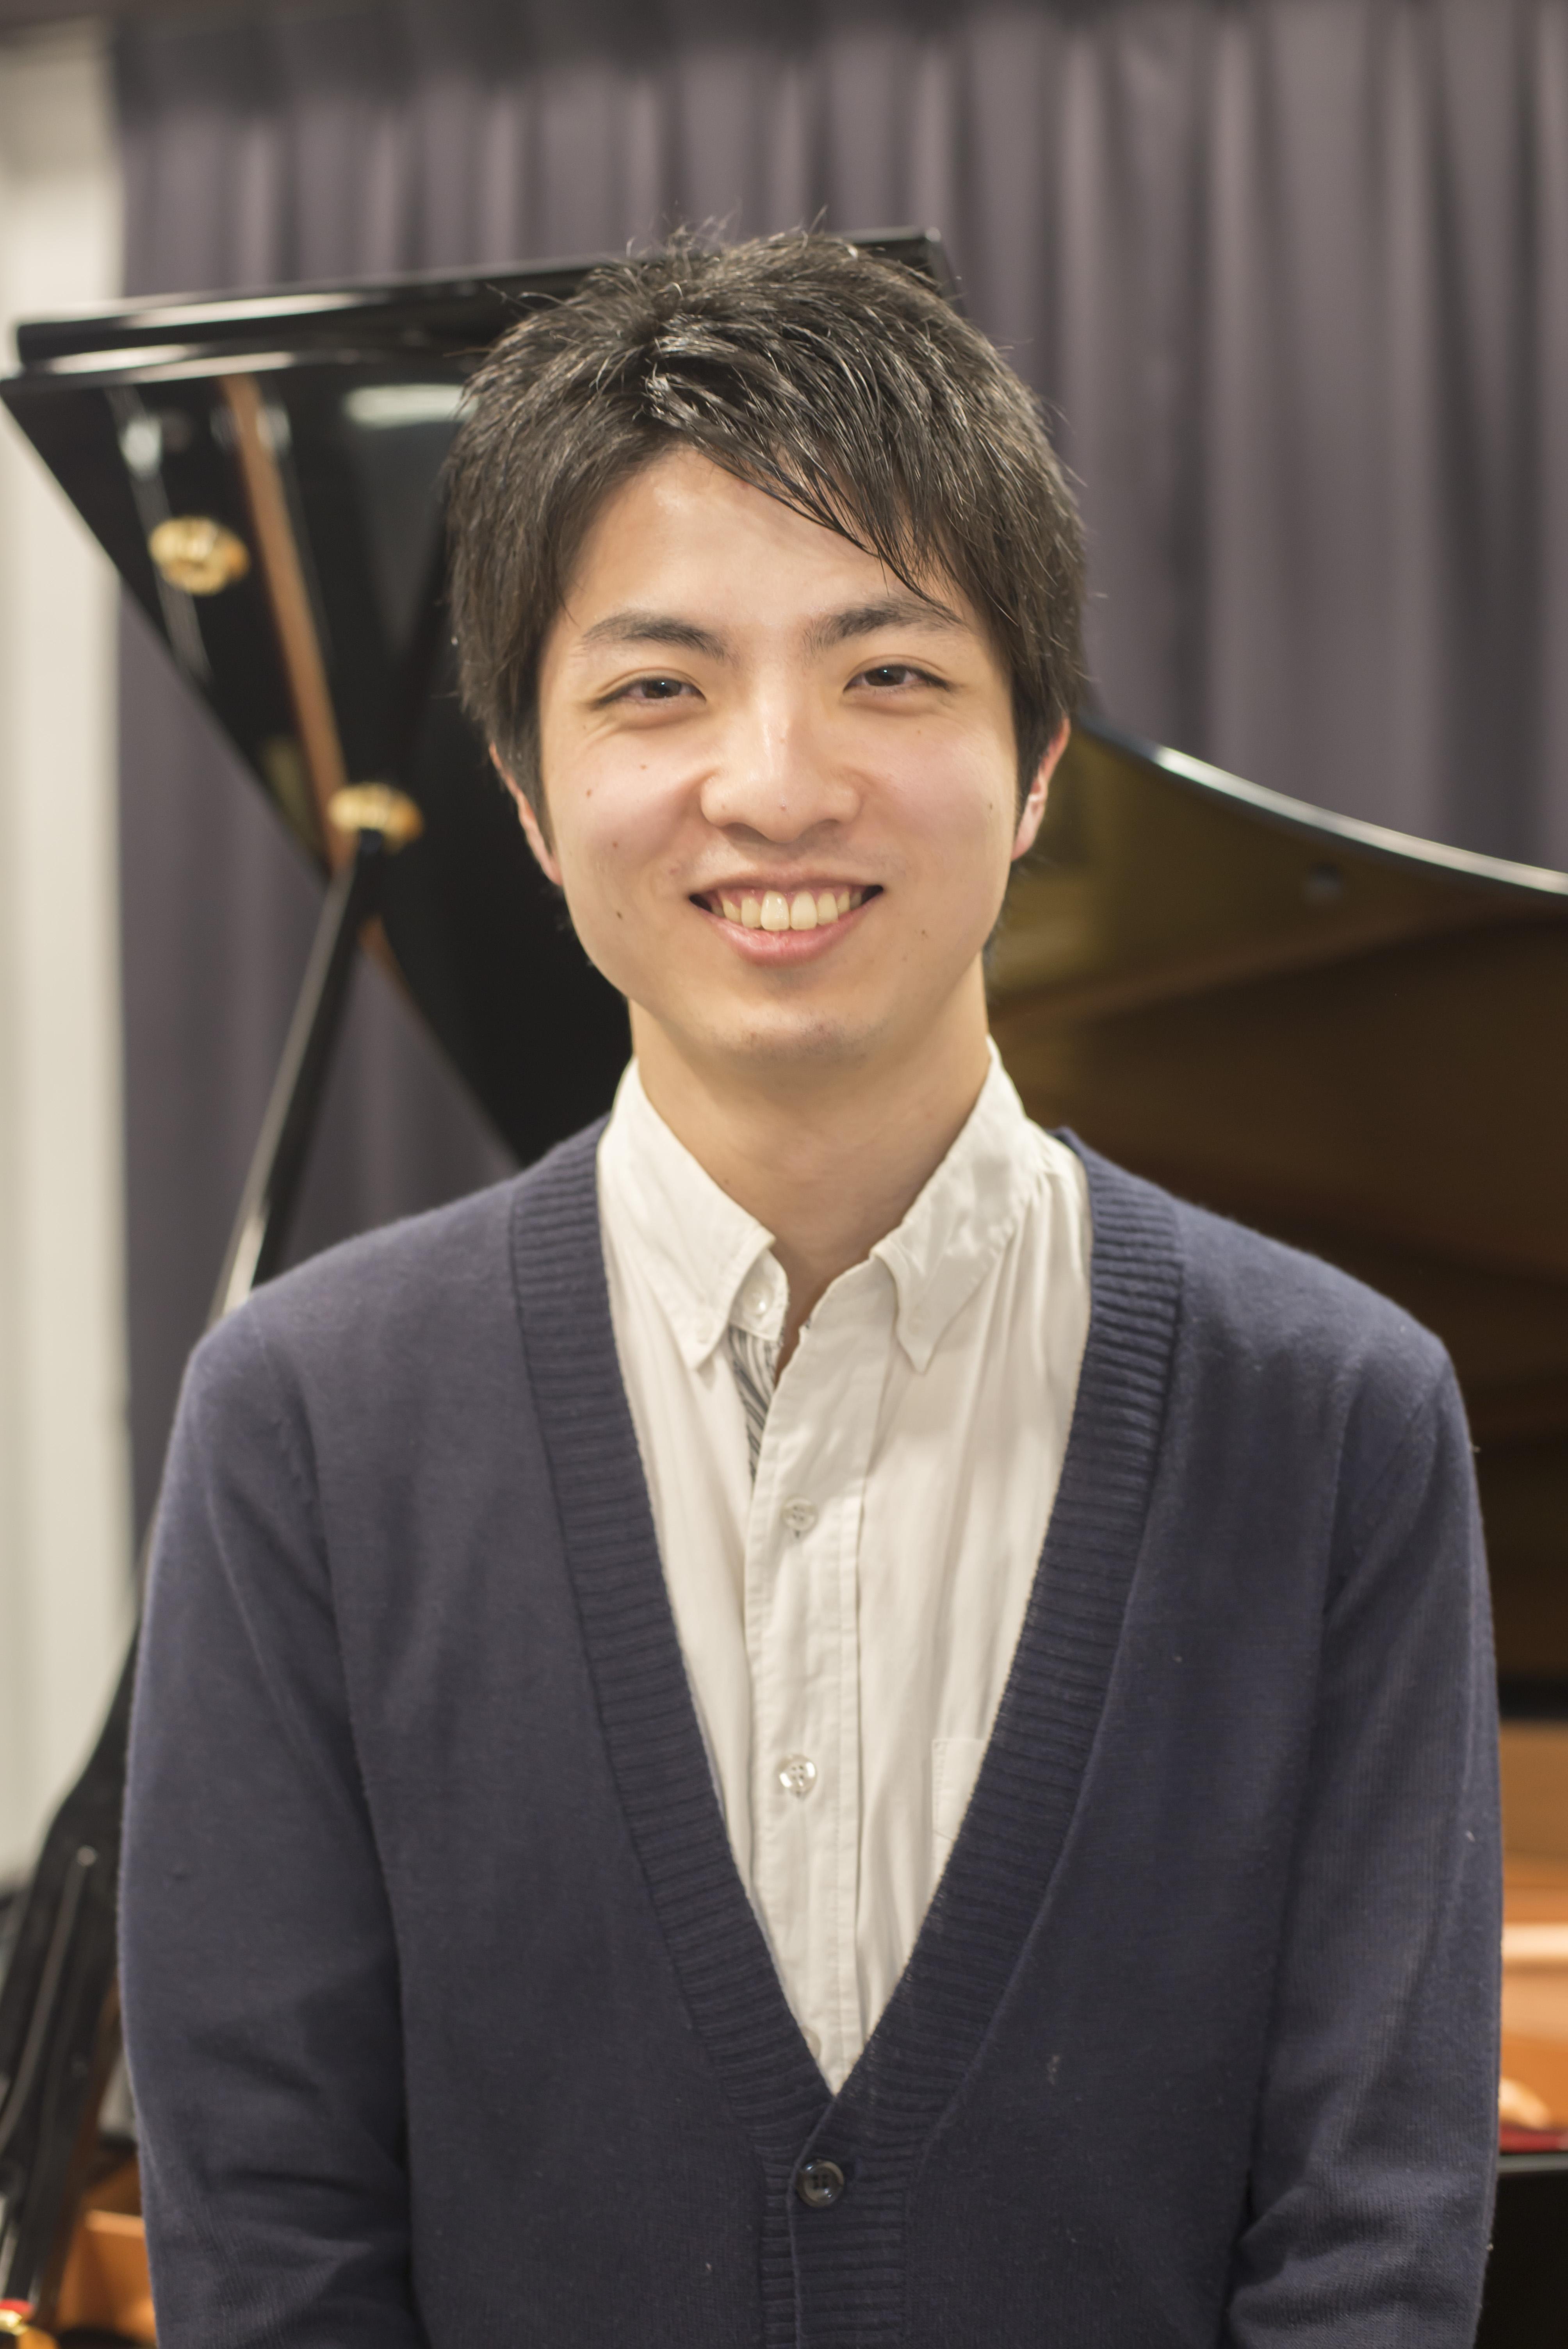 青木 瞭弥 先生の写真